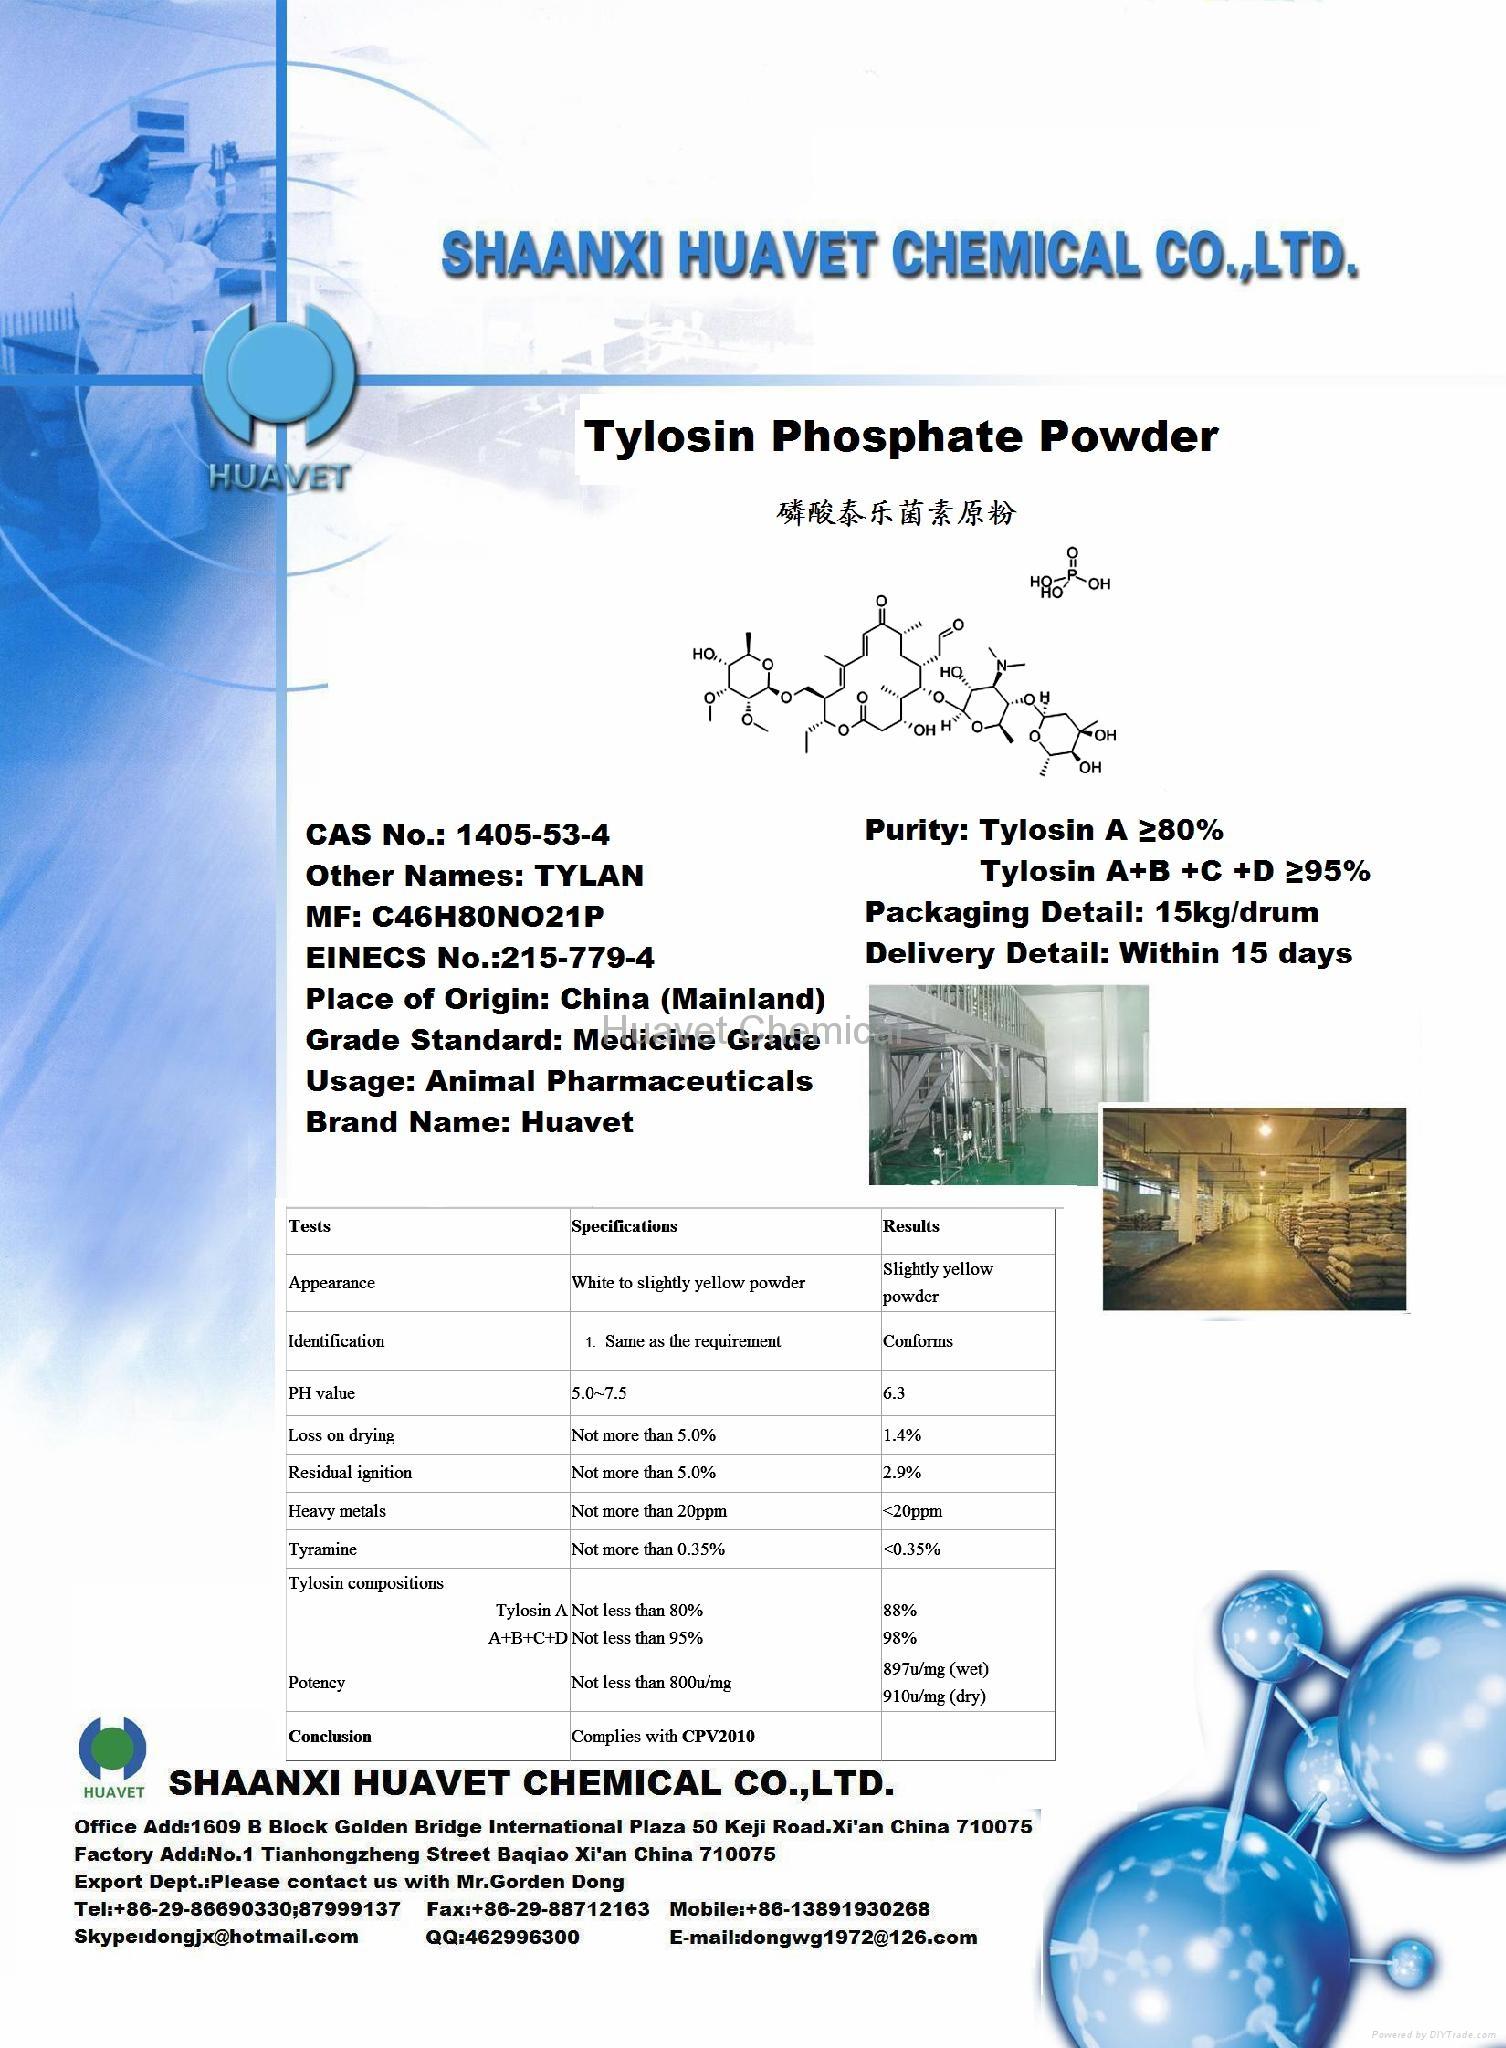 Tylosin Phosphate Powder(CAS No.:1405-53-4)  5